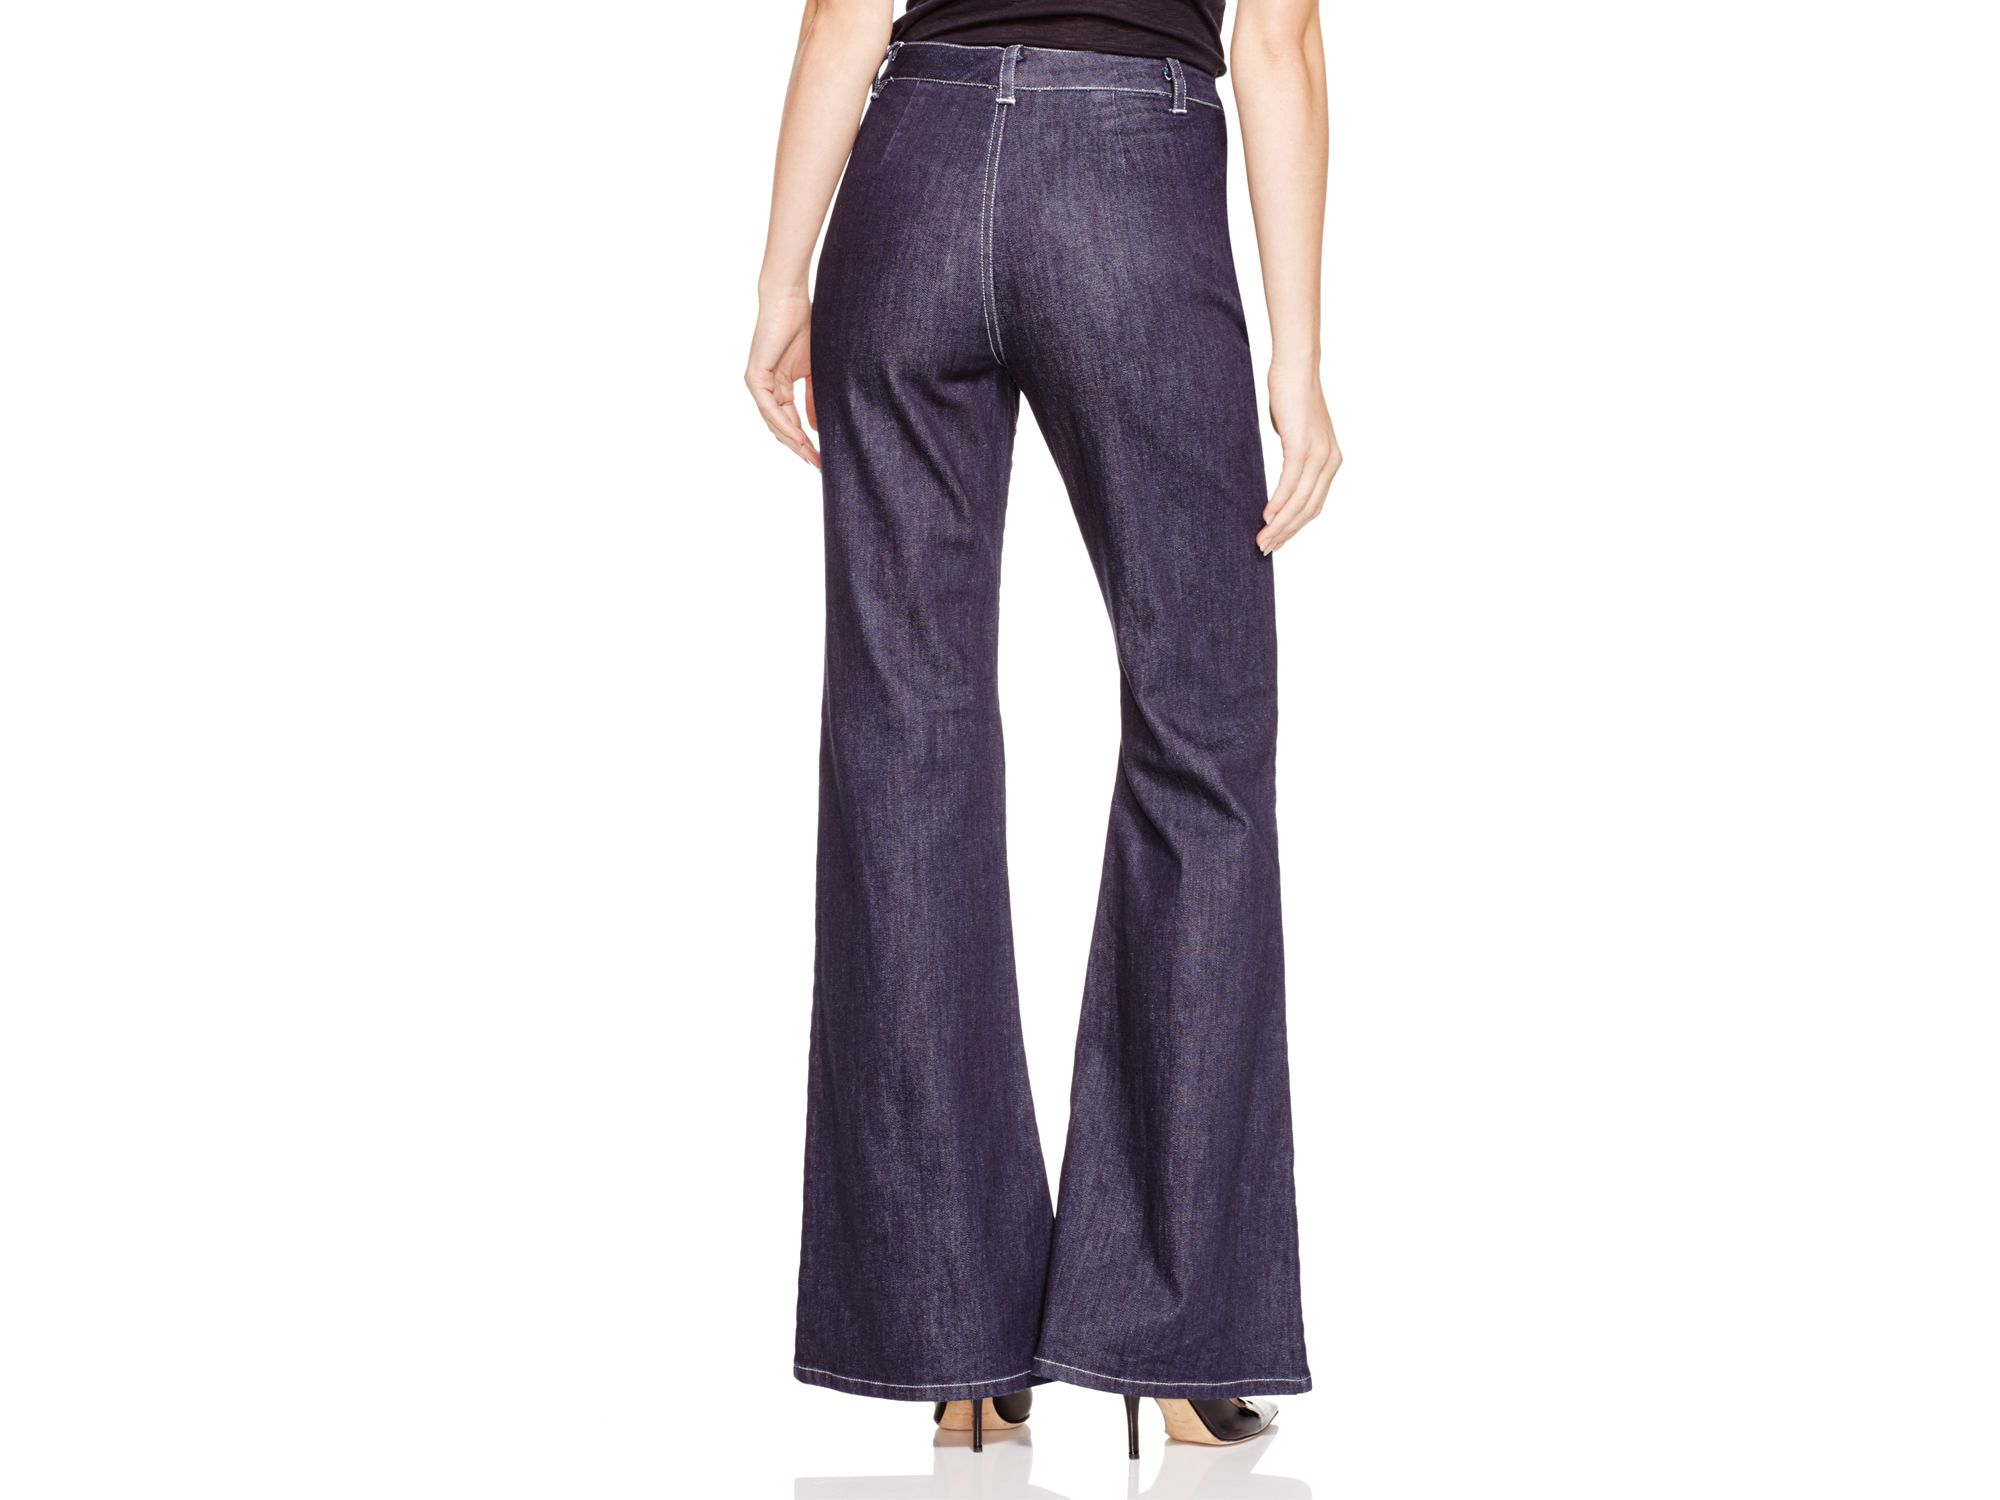 Cynthia Rowley Denim Flared Jeans in Indigo (Blue)